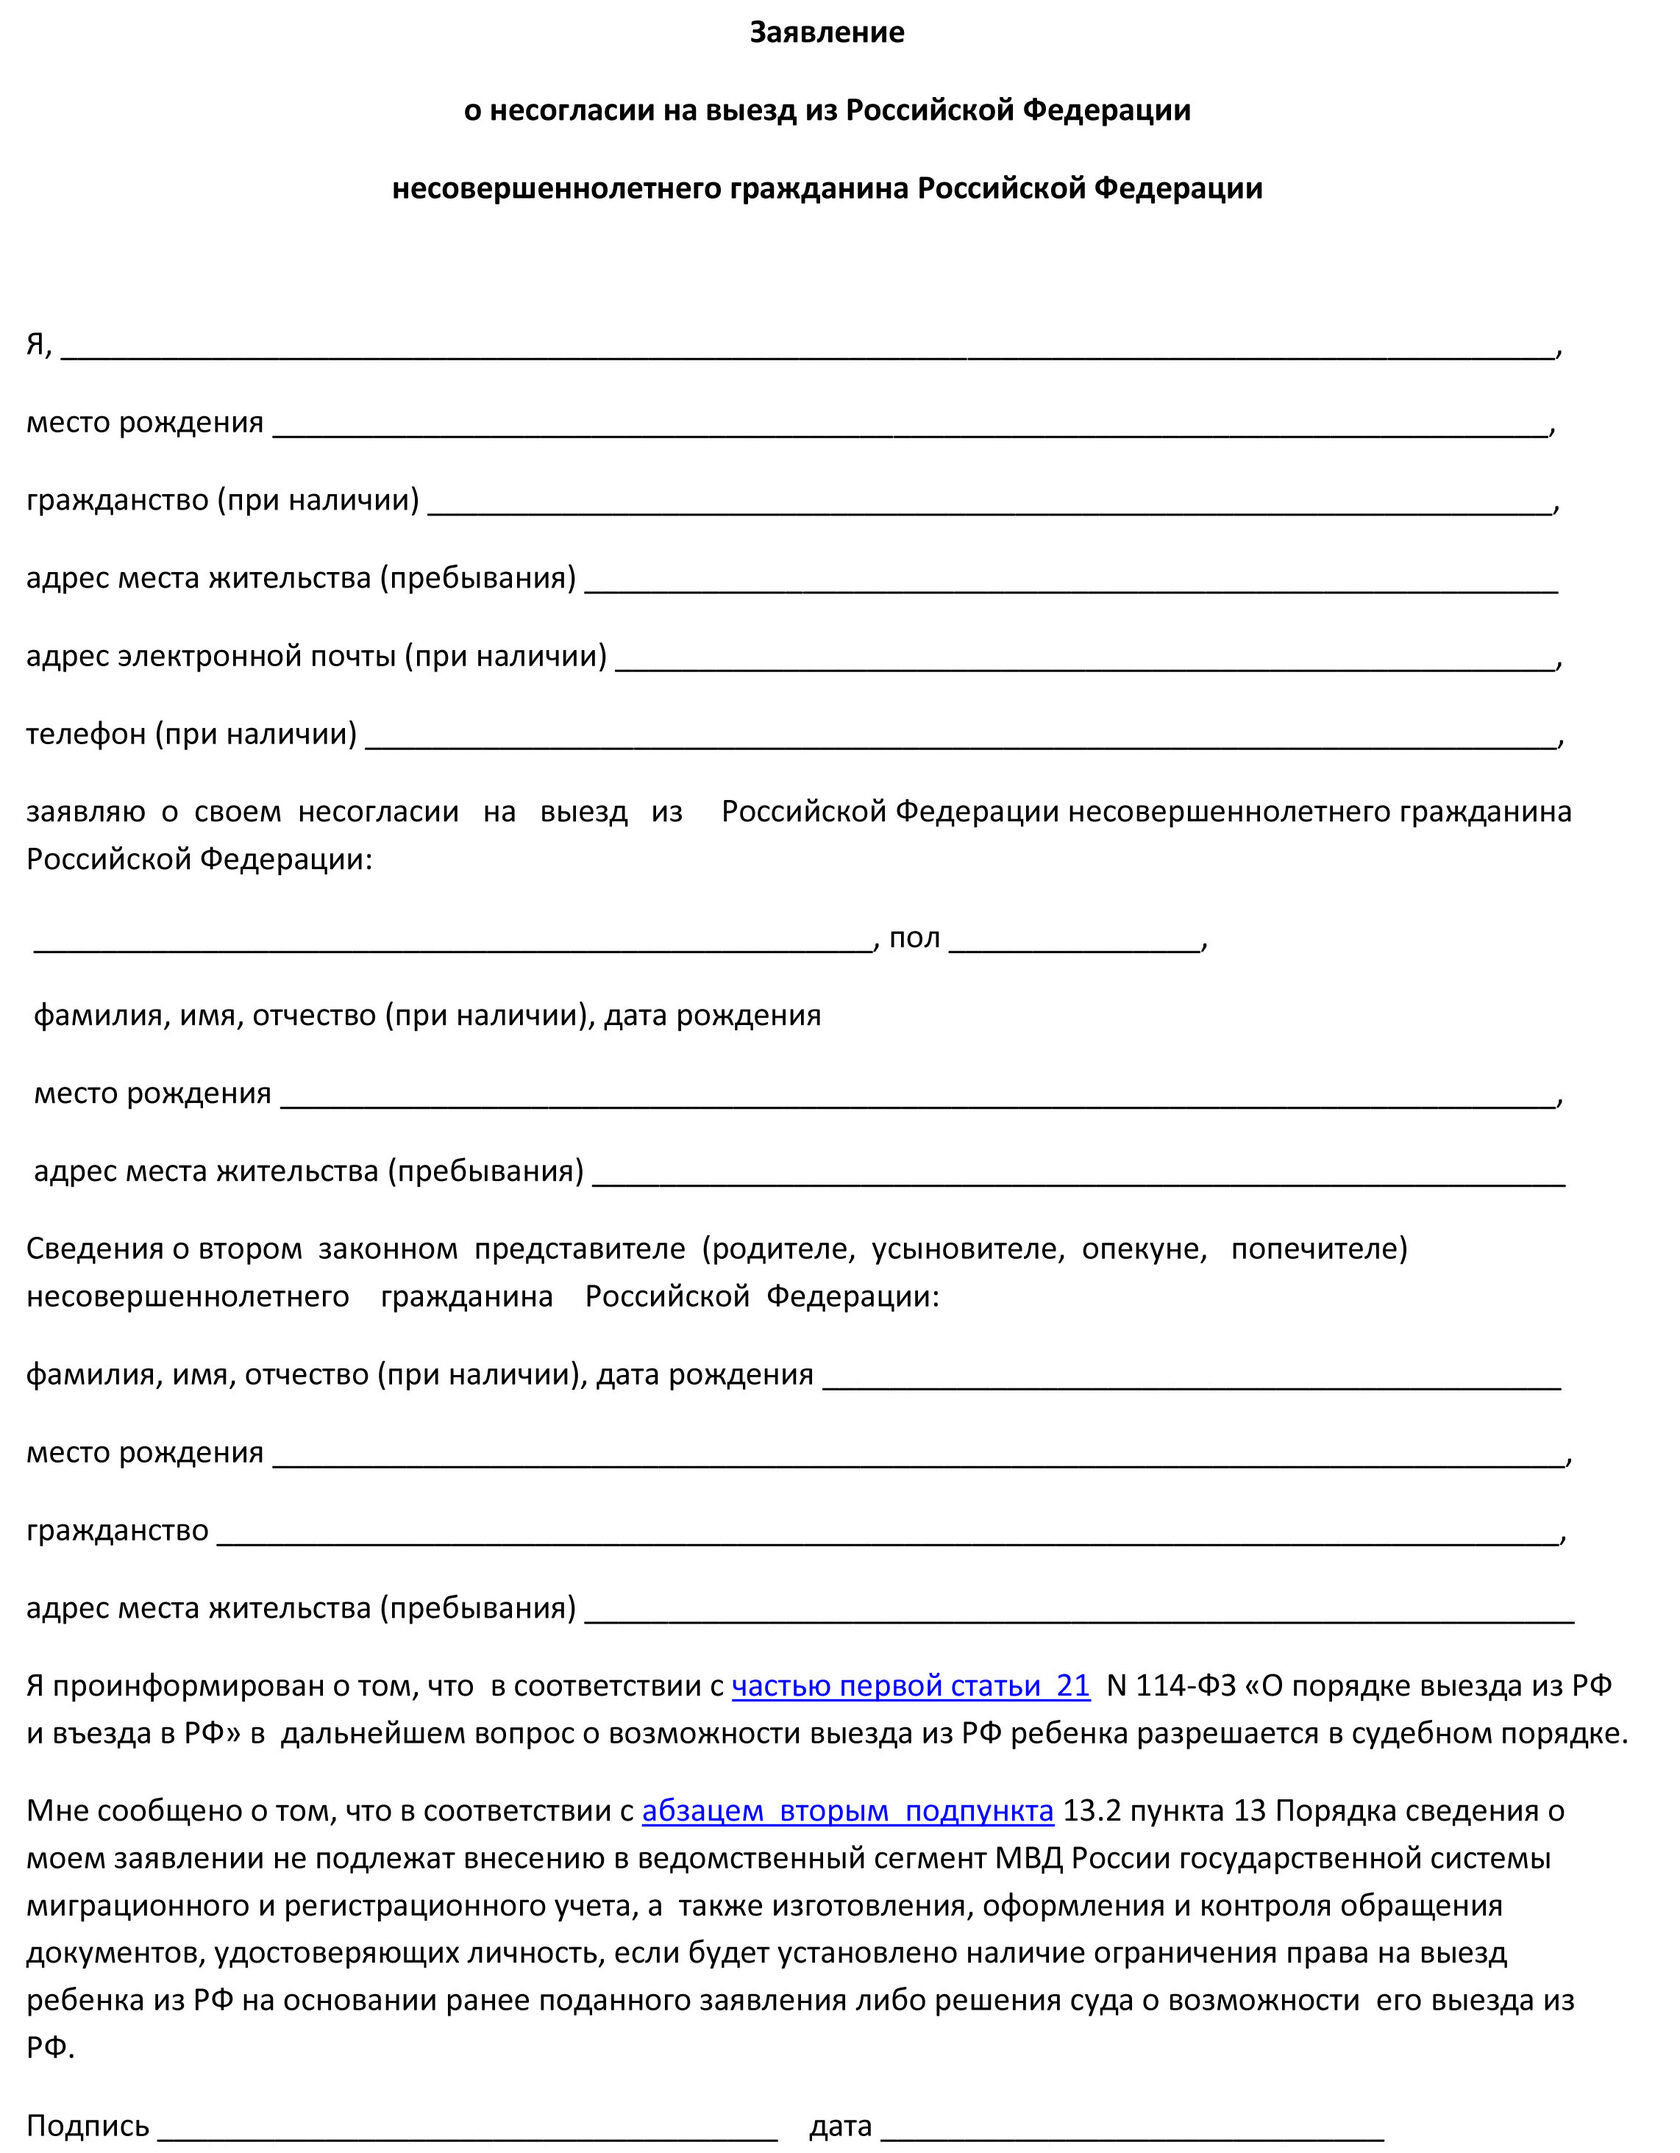 заявление о несогласии на выезд из РФ